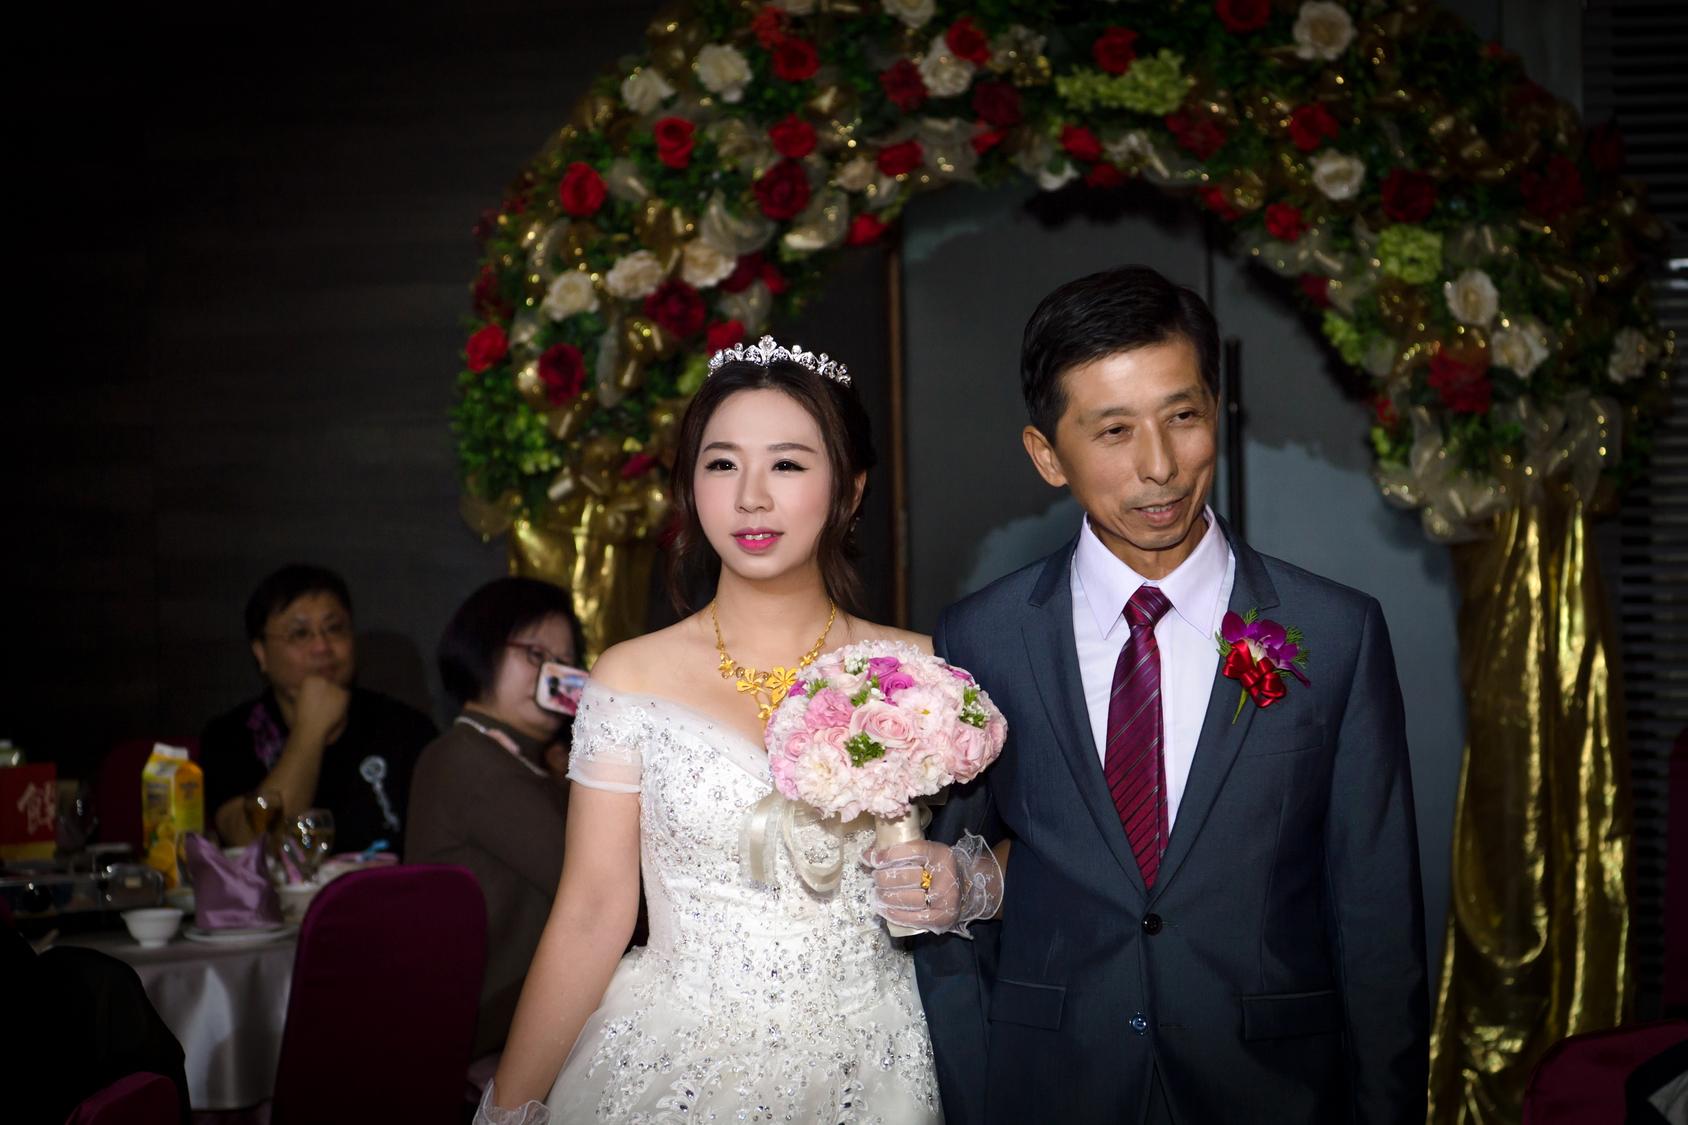 【比堤婚紗.結婚.婚禮紀錄】哲宇 ♥ 貝恩_40